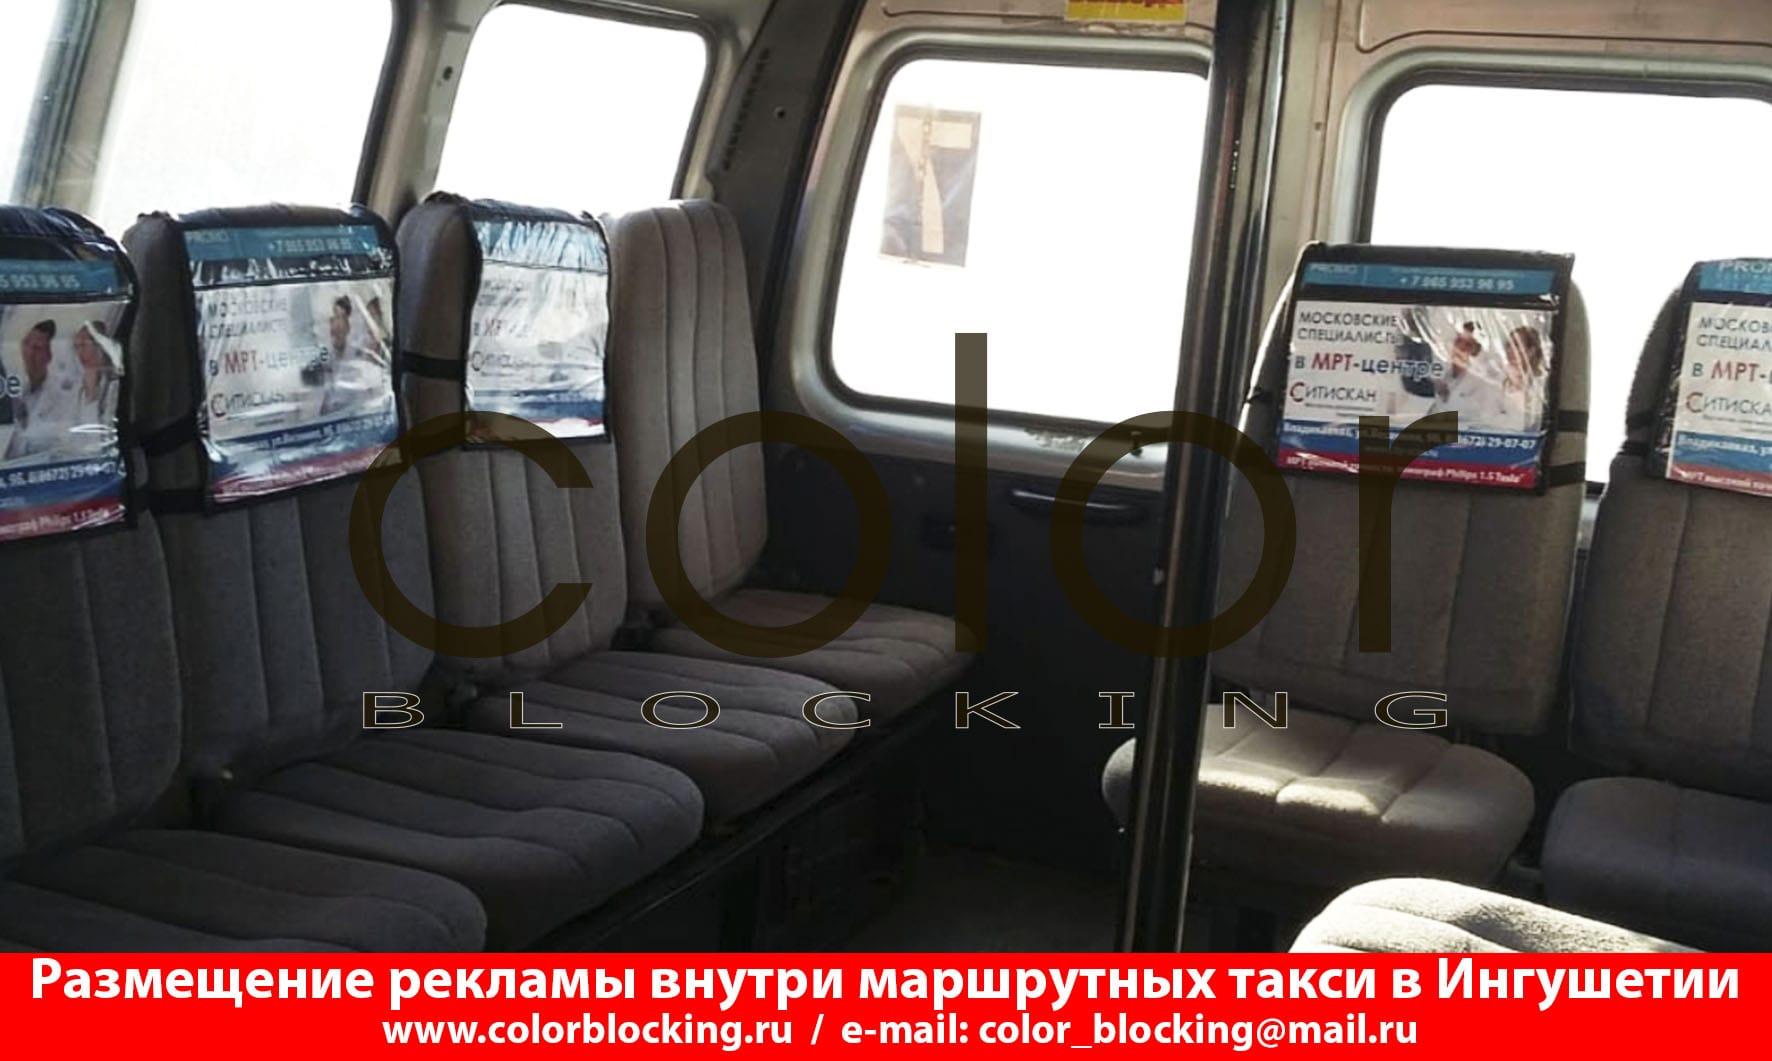 Размещение рекламы в Ингушетии транспорт